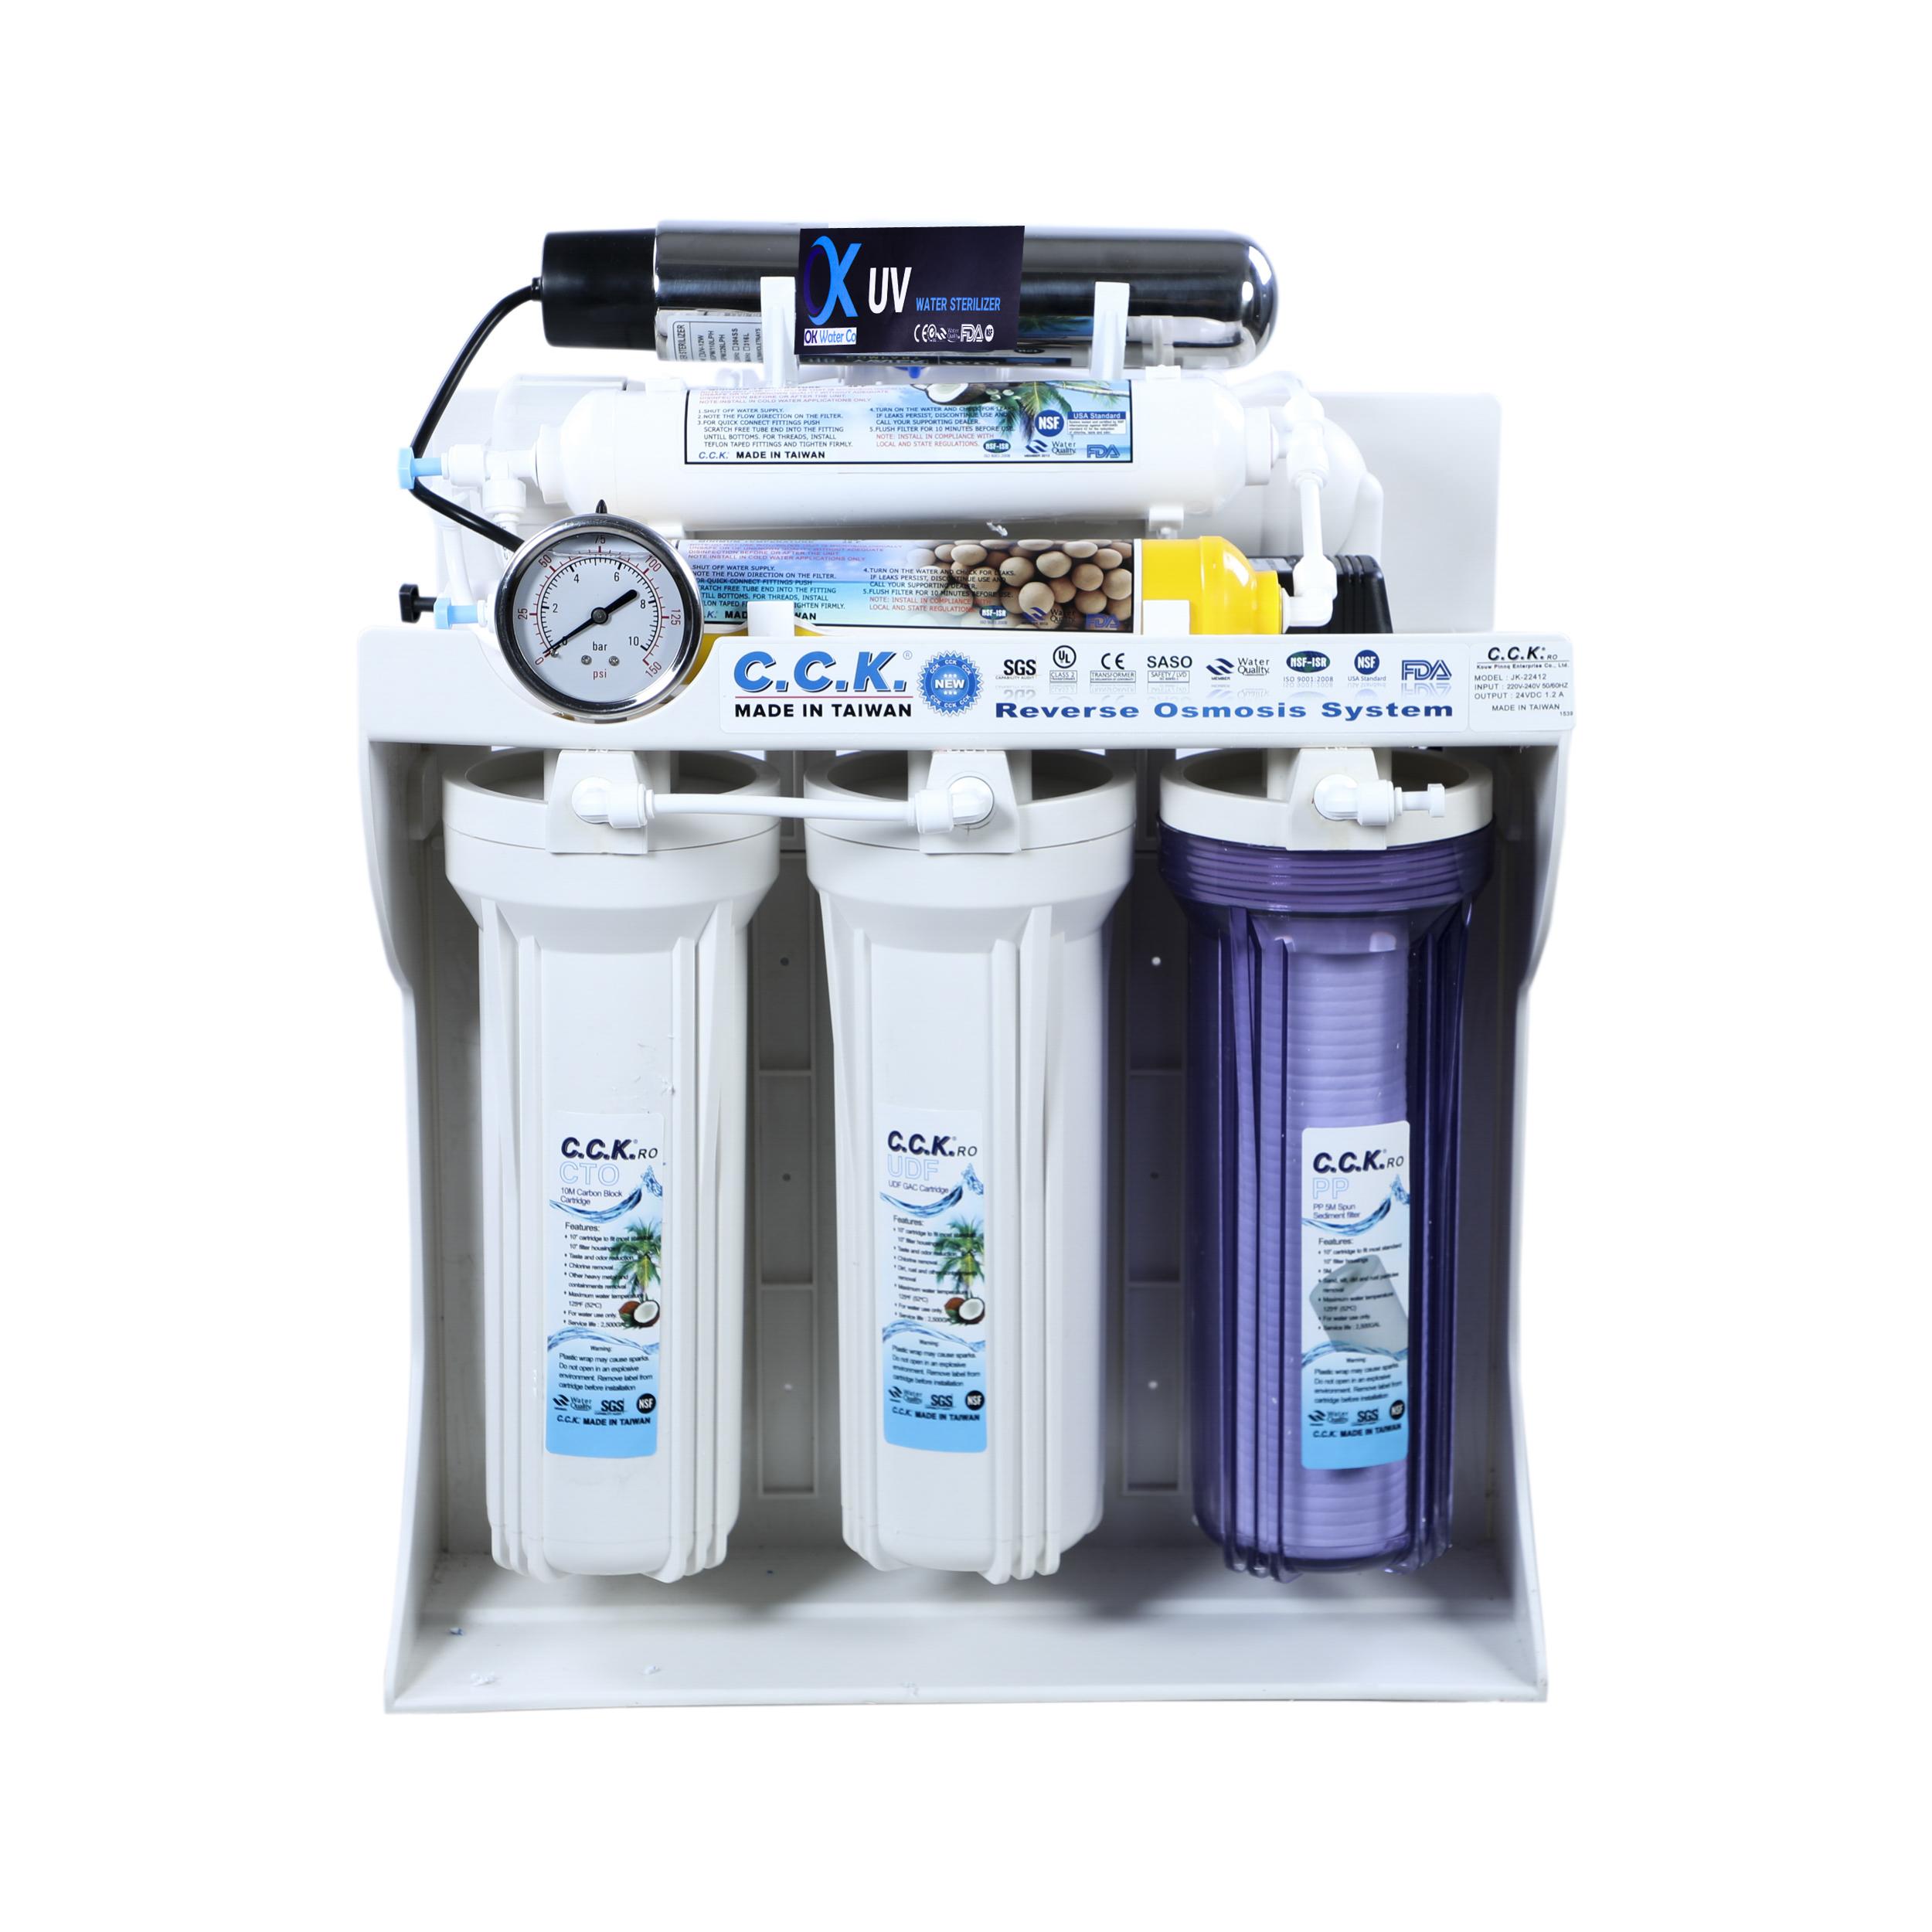 دستگاه تصفیه کننده آب خانگی سی سی کا مدل RO-03